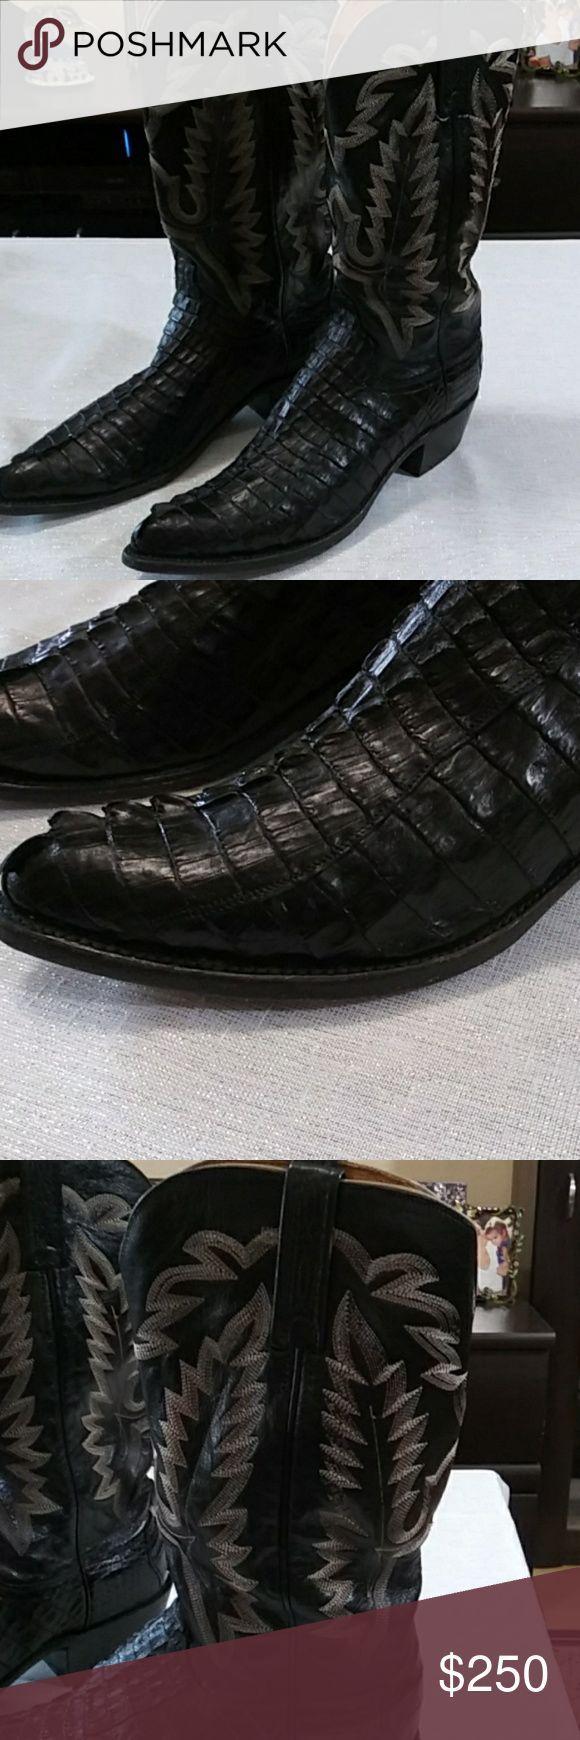 Lucchese Crocodile Hommes Bottes noir Spotless. Taille 8,5 D. Ces bottes sont comme